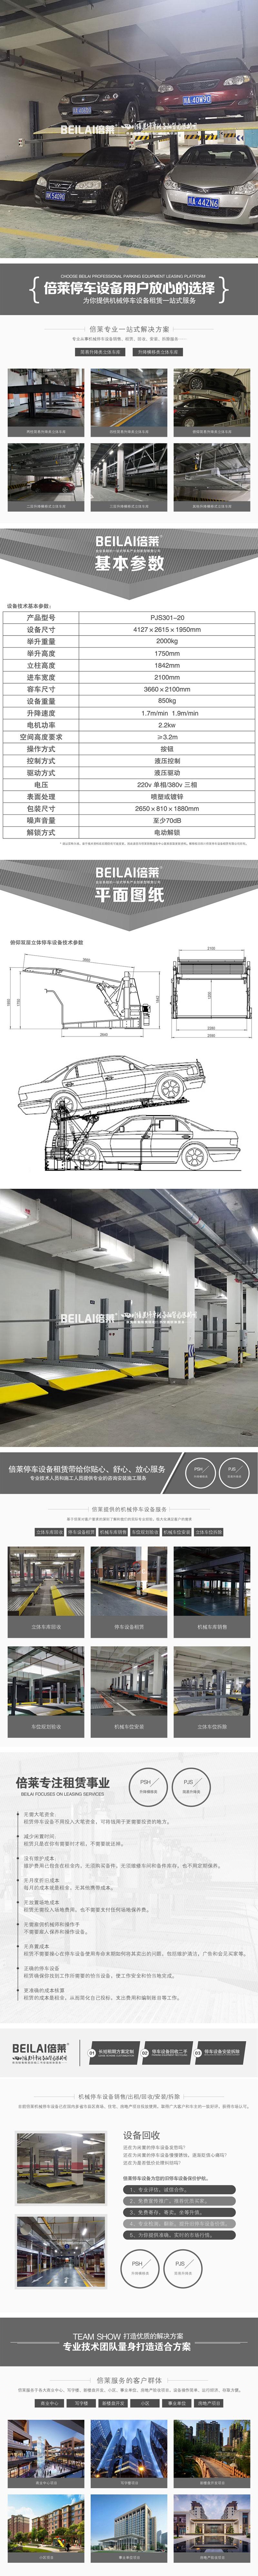 西和改進立體車庫,停車庫拆除出租,倍萊平面移動式立體車庫租用